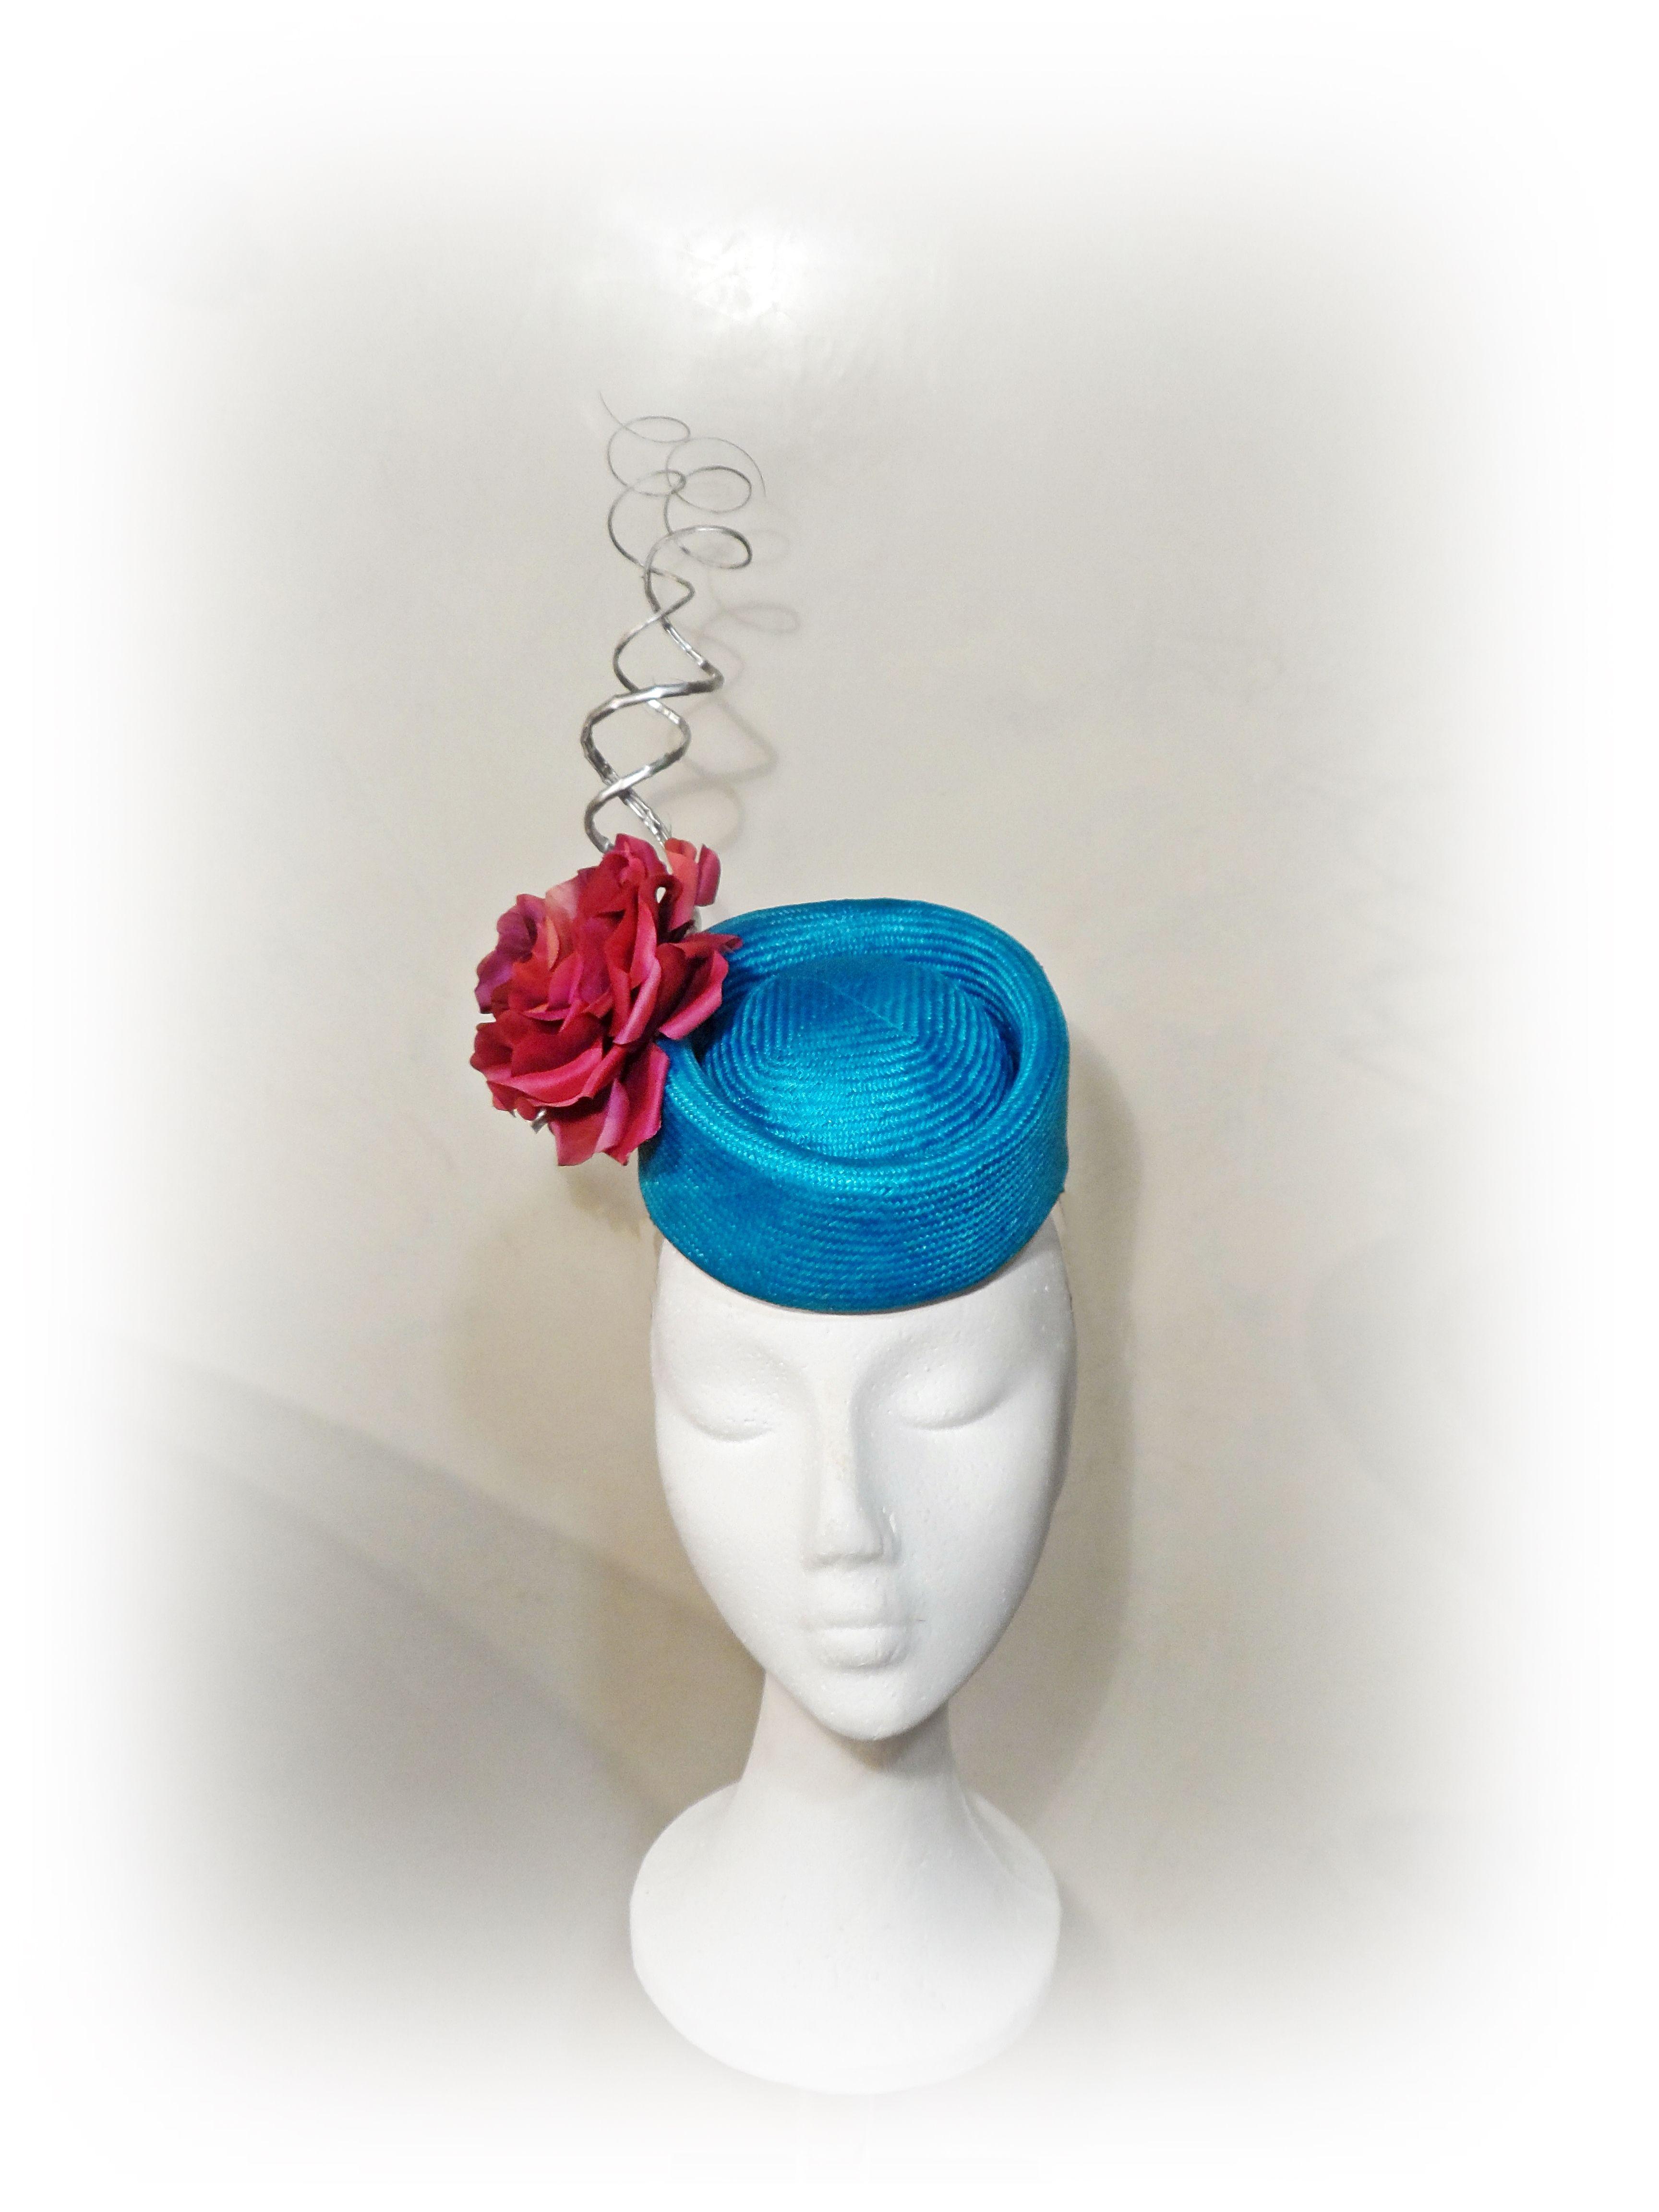 http://eugeniajimenez.blogspot.com.es/2014/11/curso-de-sombrereria.html